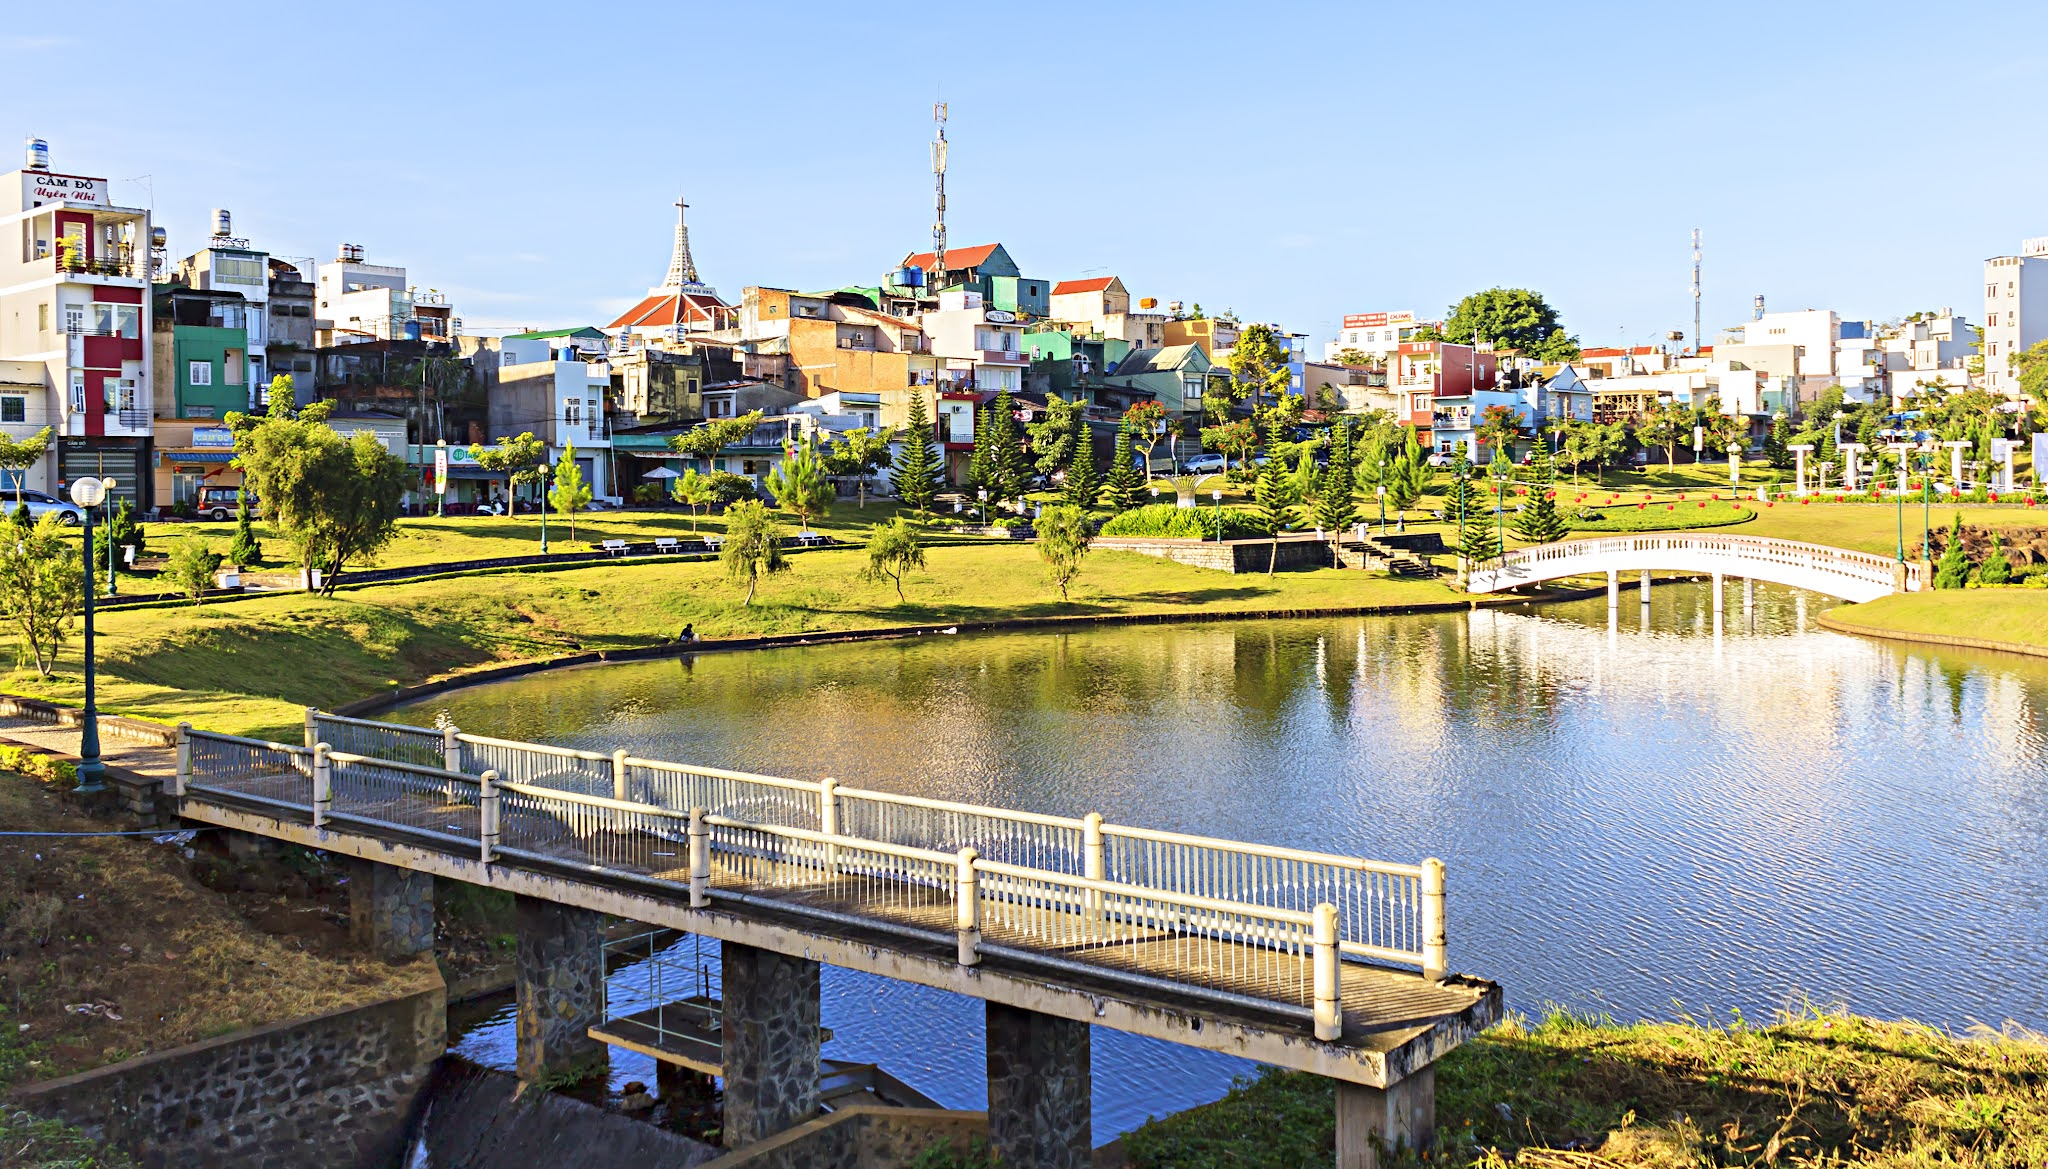 giá trị sống và bất động sản tại thành phố bảo lộc thuộc tỉnh Lâm Đồng